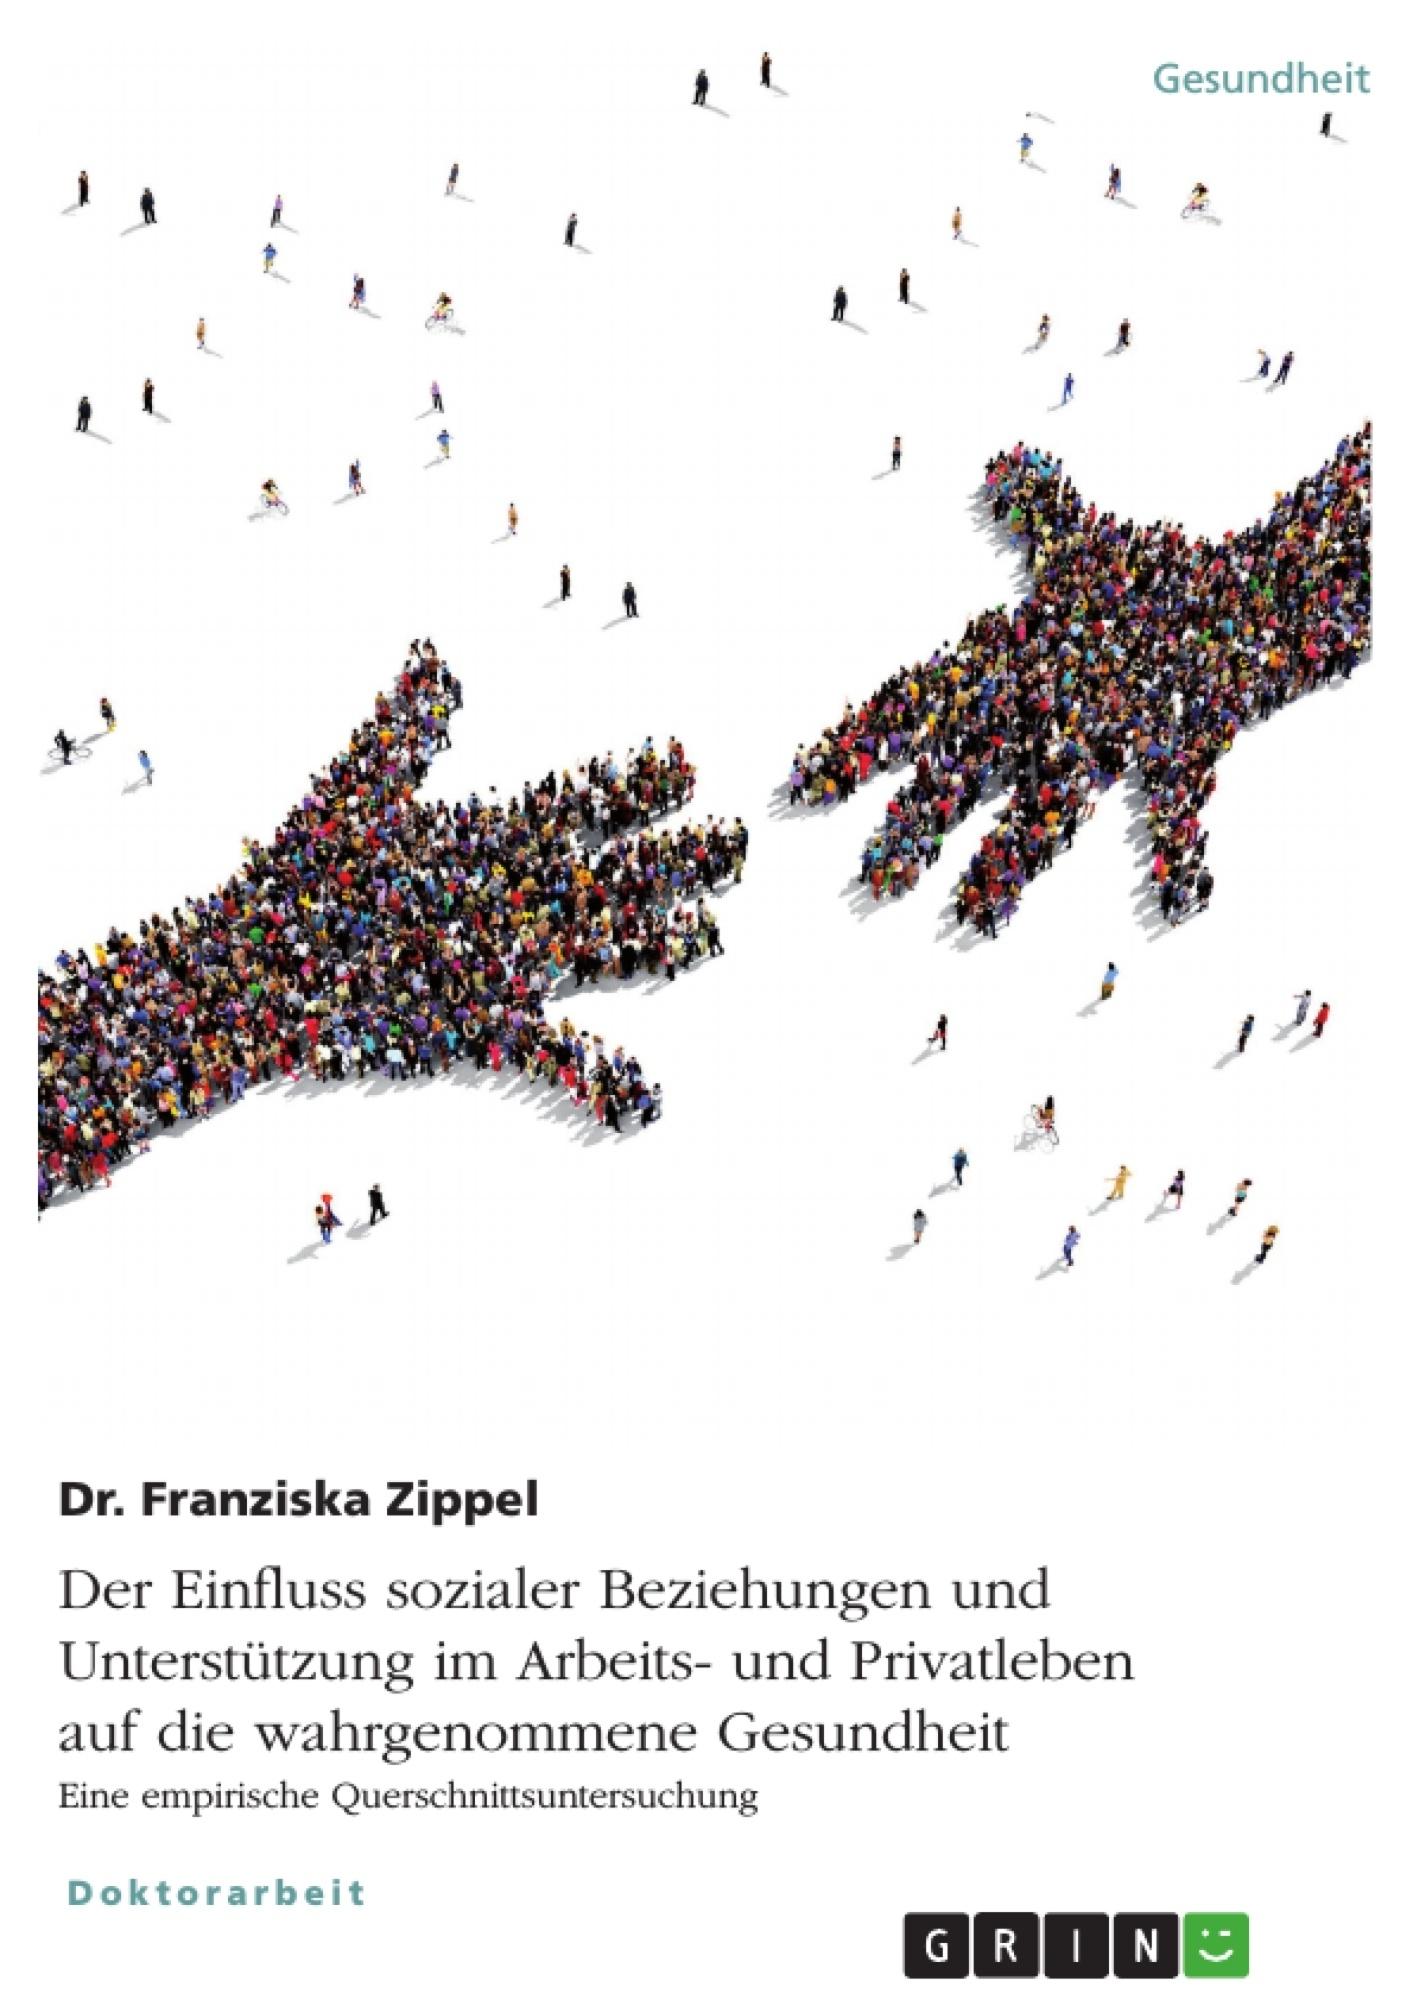 Titel: Der Einfluss sozialer Beziehungen und Unterstützung im Arbeits- und Privatleben auf die wahrgenommene Gesundheit. Eine empirische Querschnittsuntersuchung